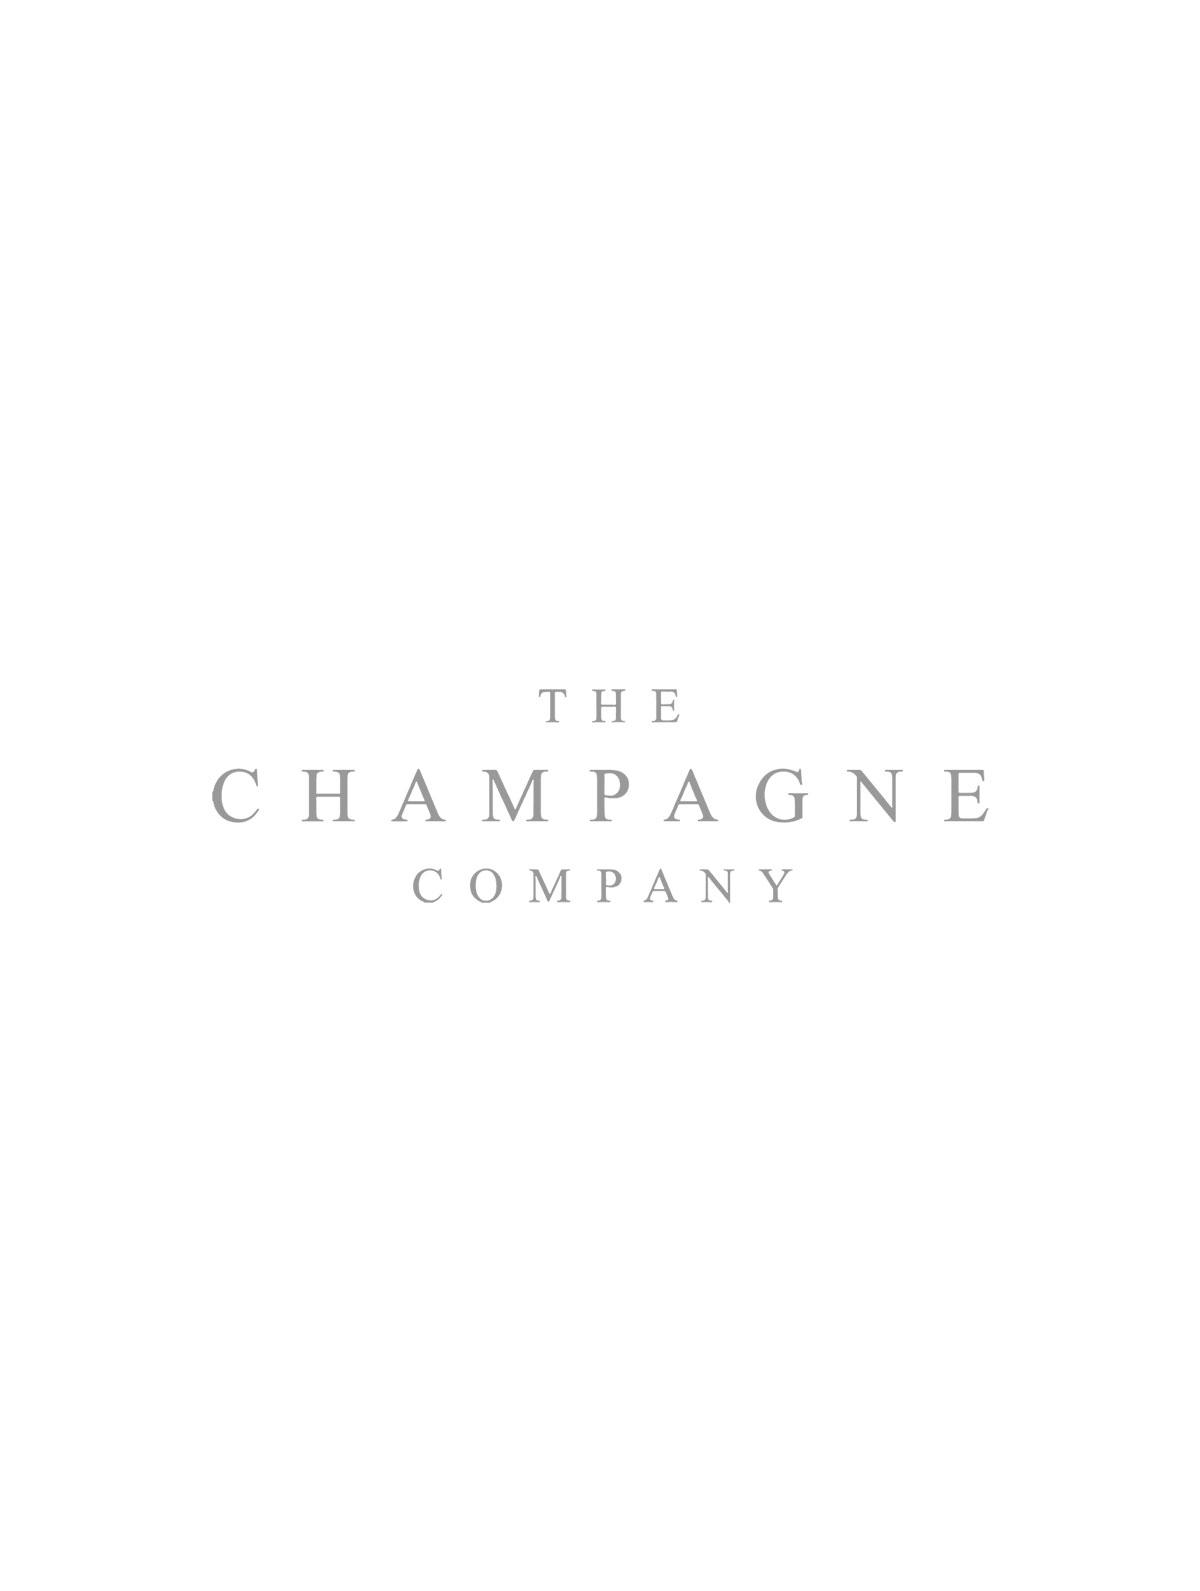 Dom Perignon 1993 Plenitude P2 Vintage Champagne 75cl Gift Boxed